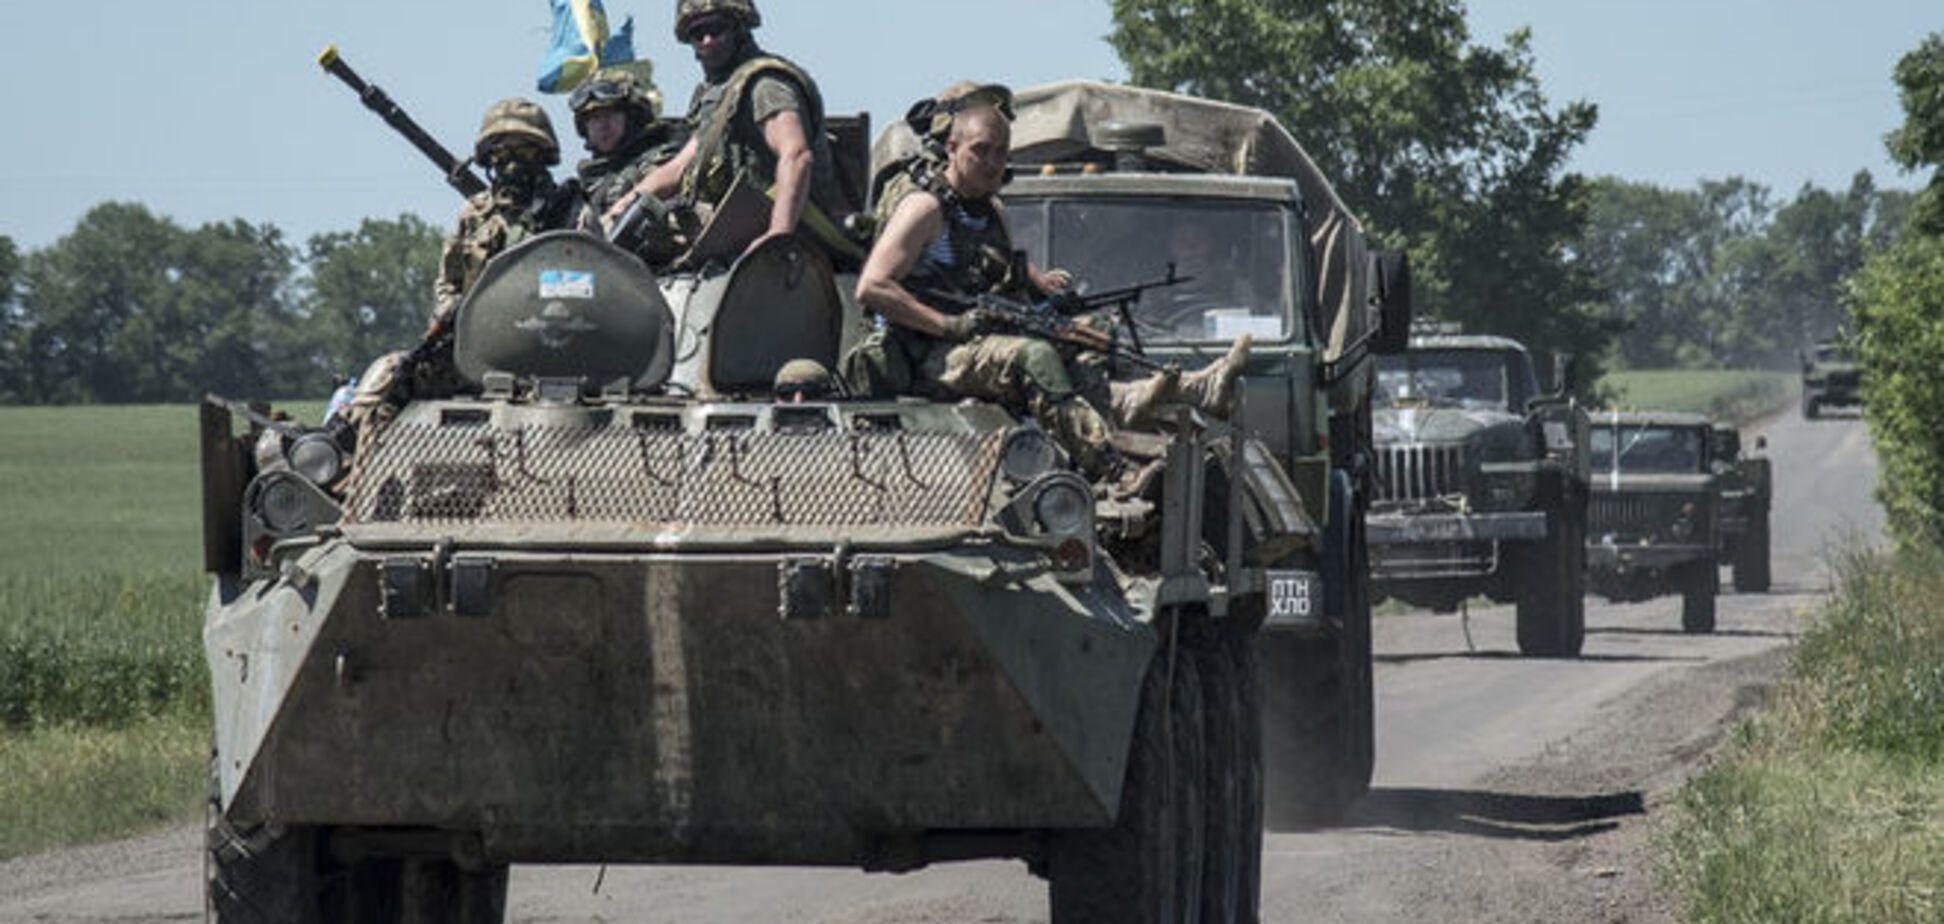 Ночь в АТО: террористы били из запрещенной артиллерии